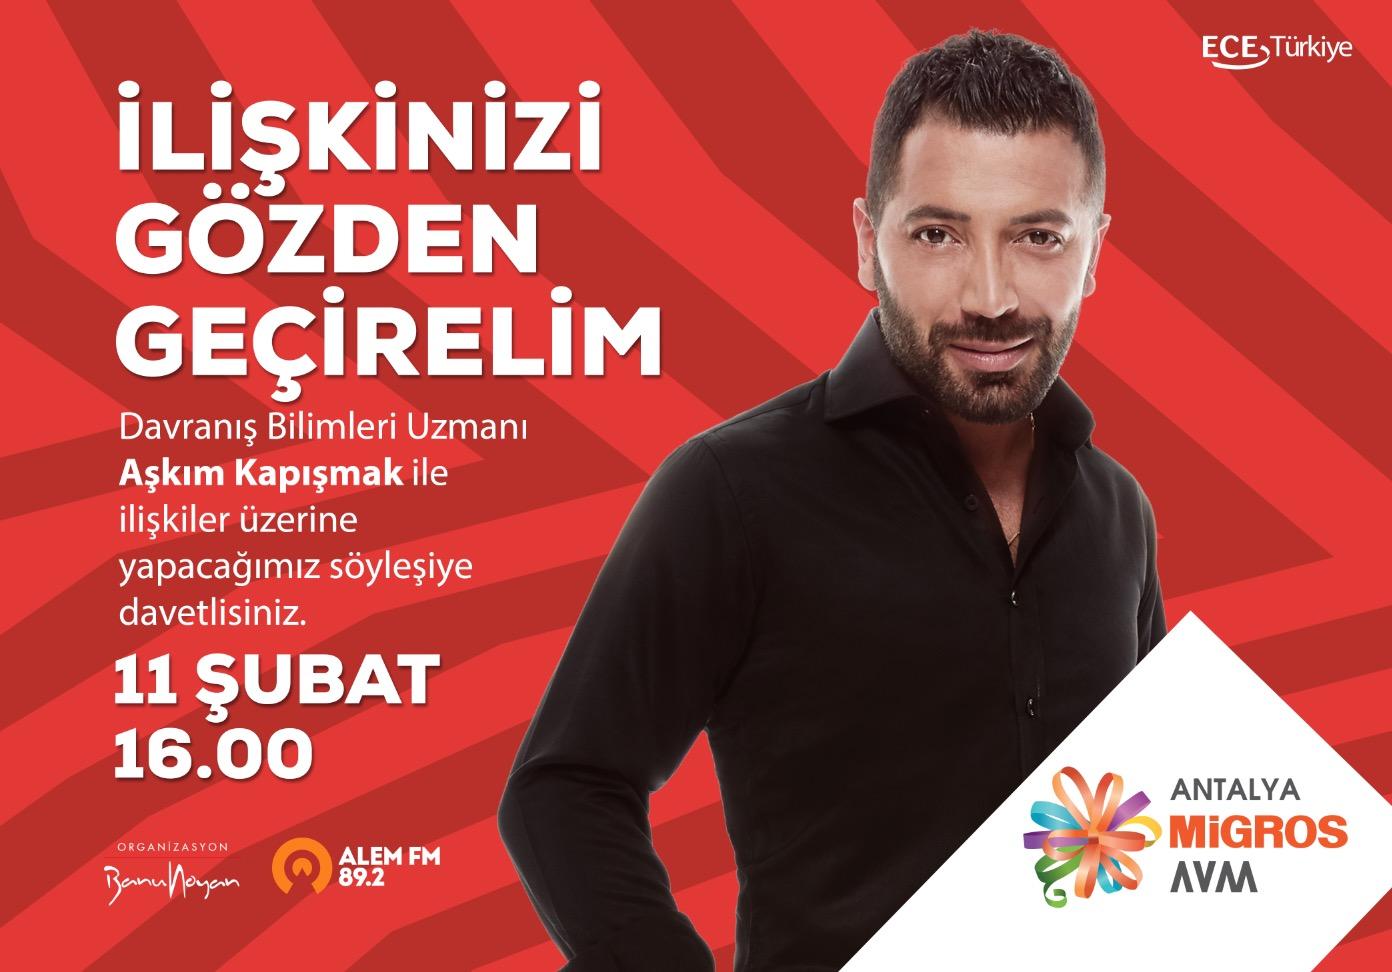 Aşkım Kapışmak 11 Şubat'ta Antalya Migros AVM'de